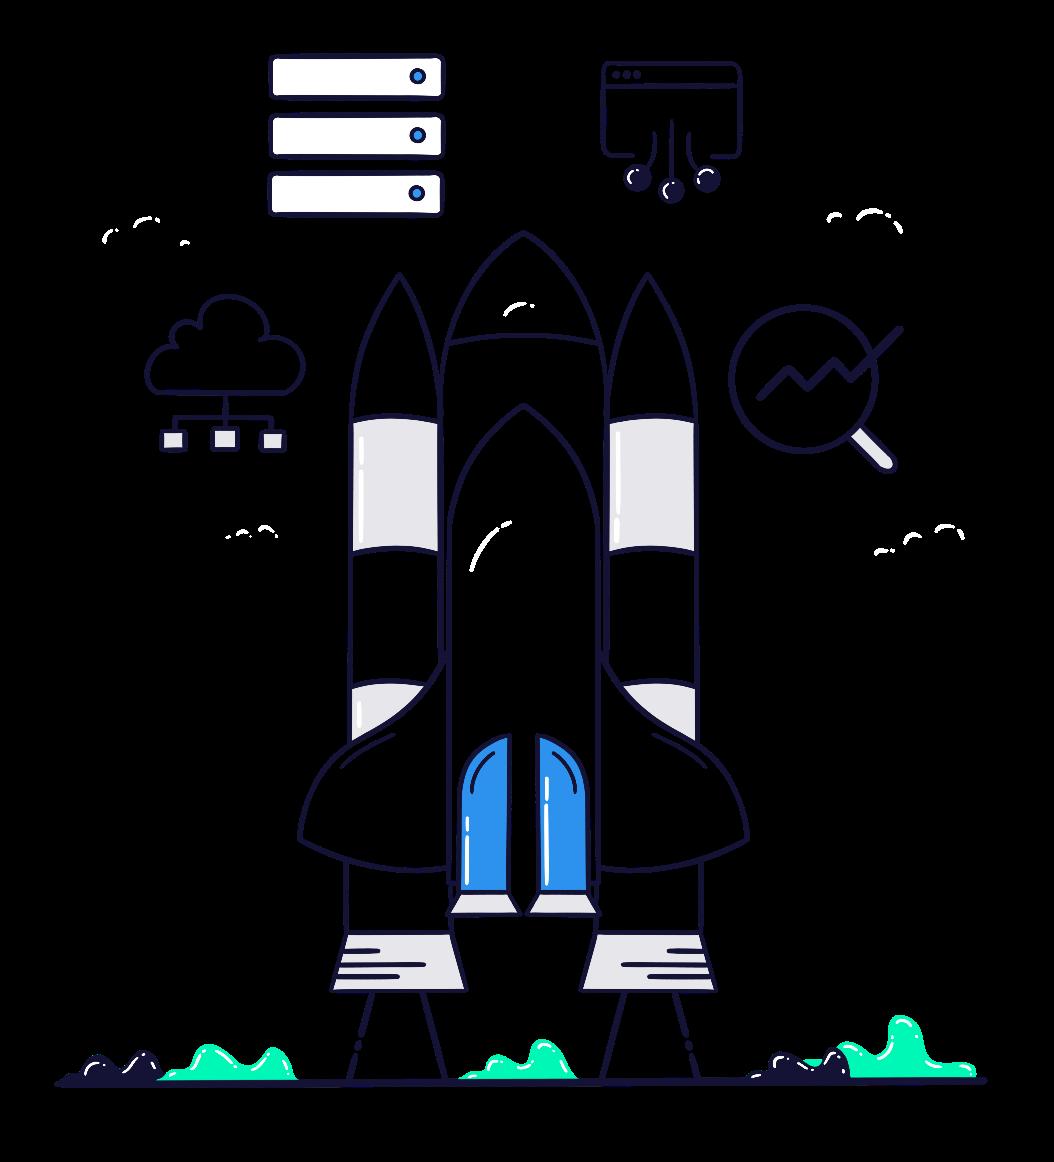 Faster website